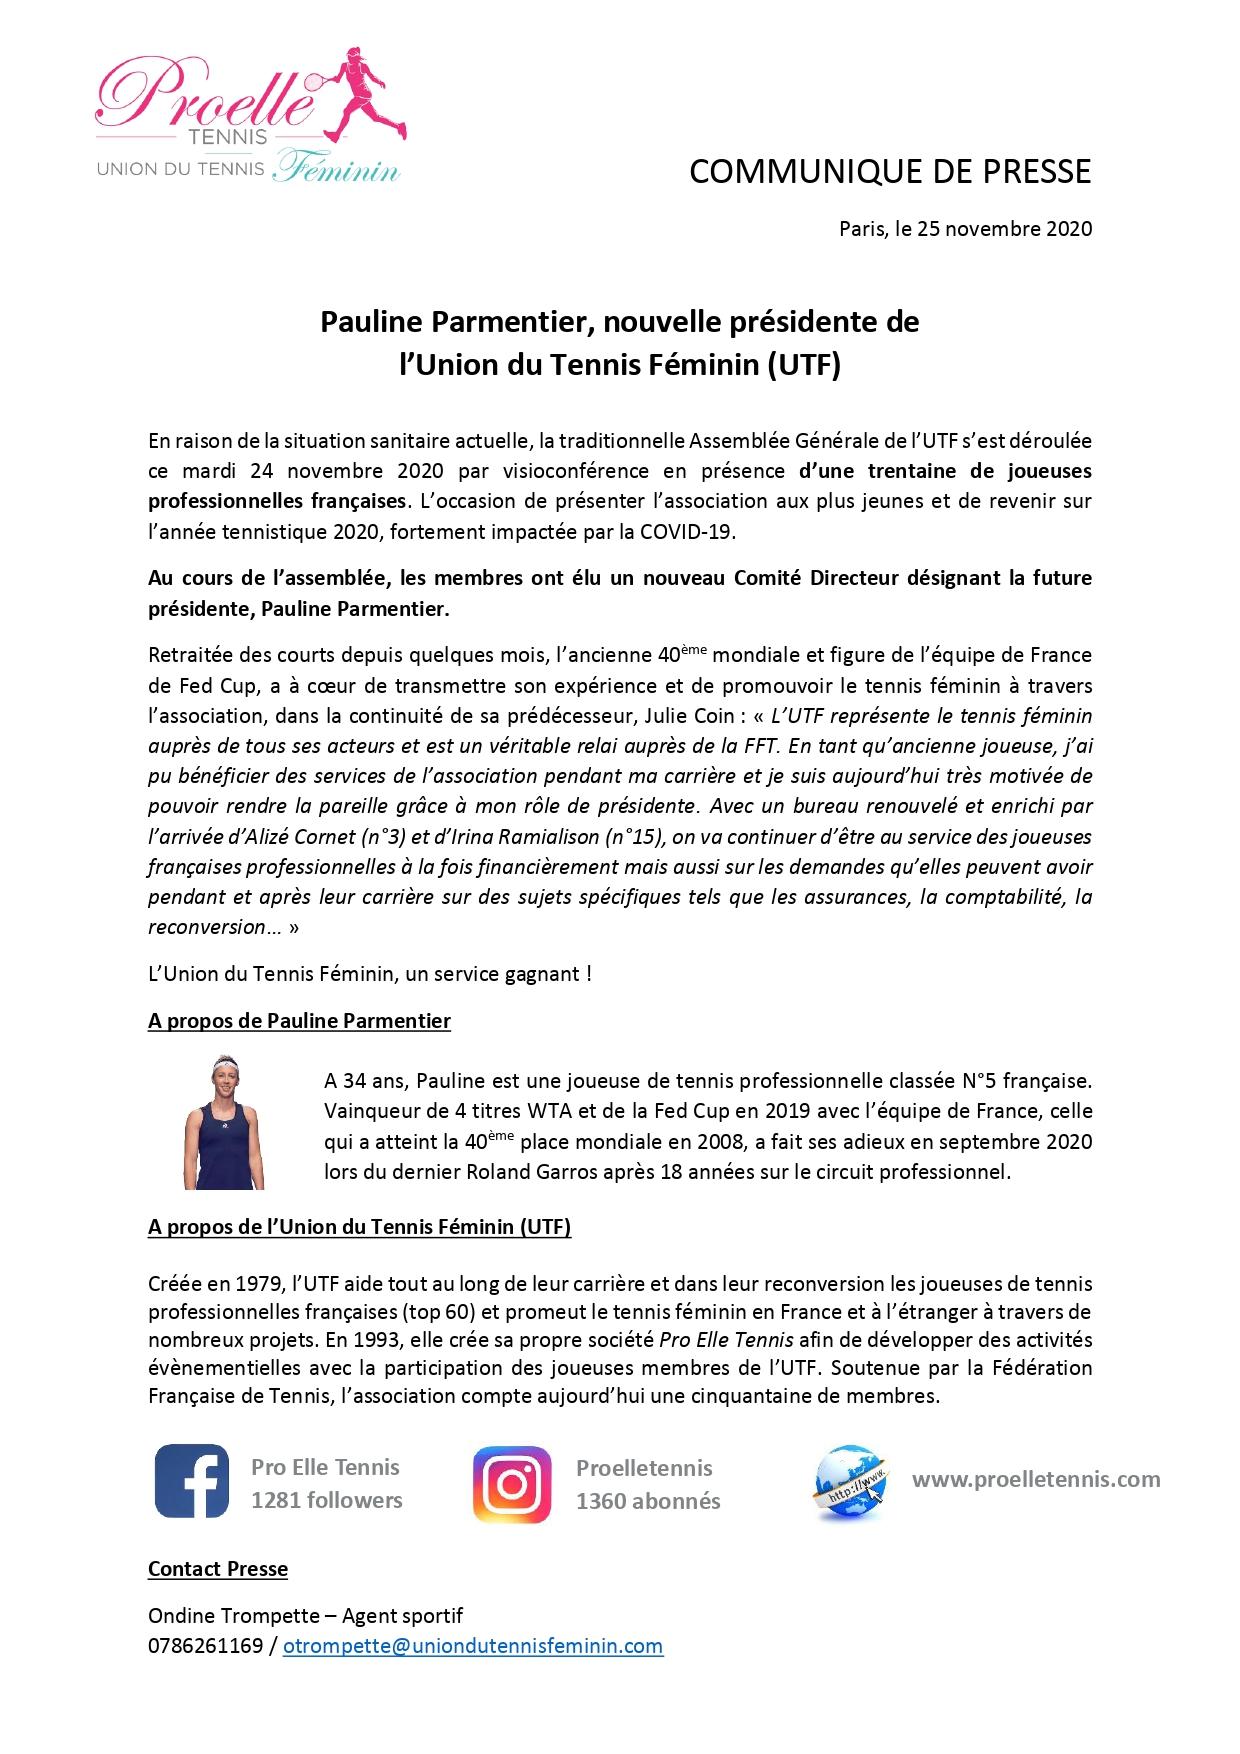 Pauline Parmentier tennis pro